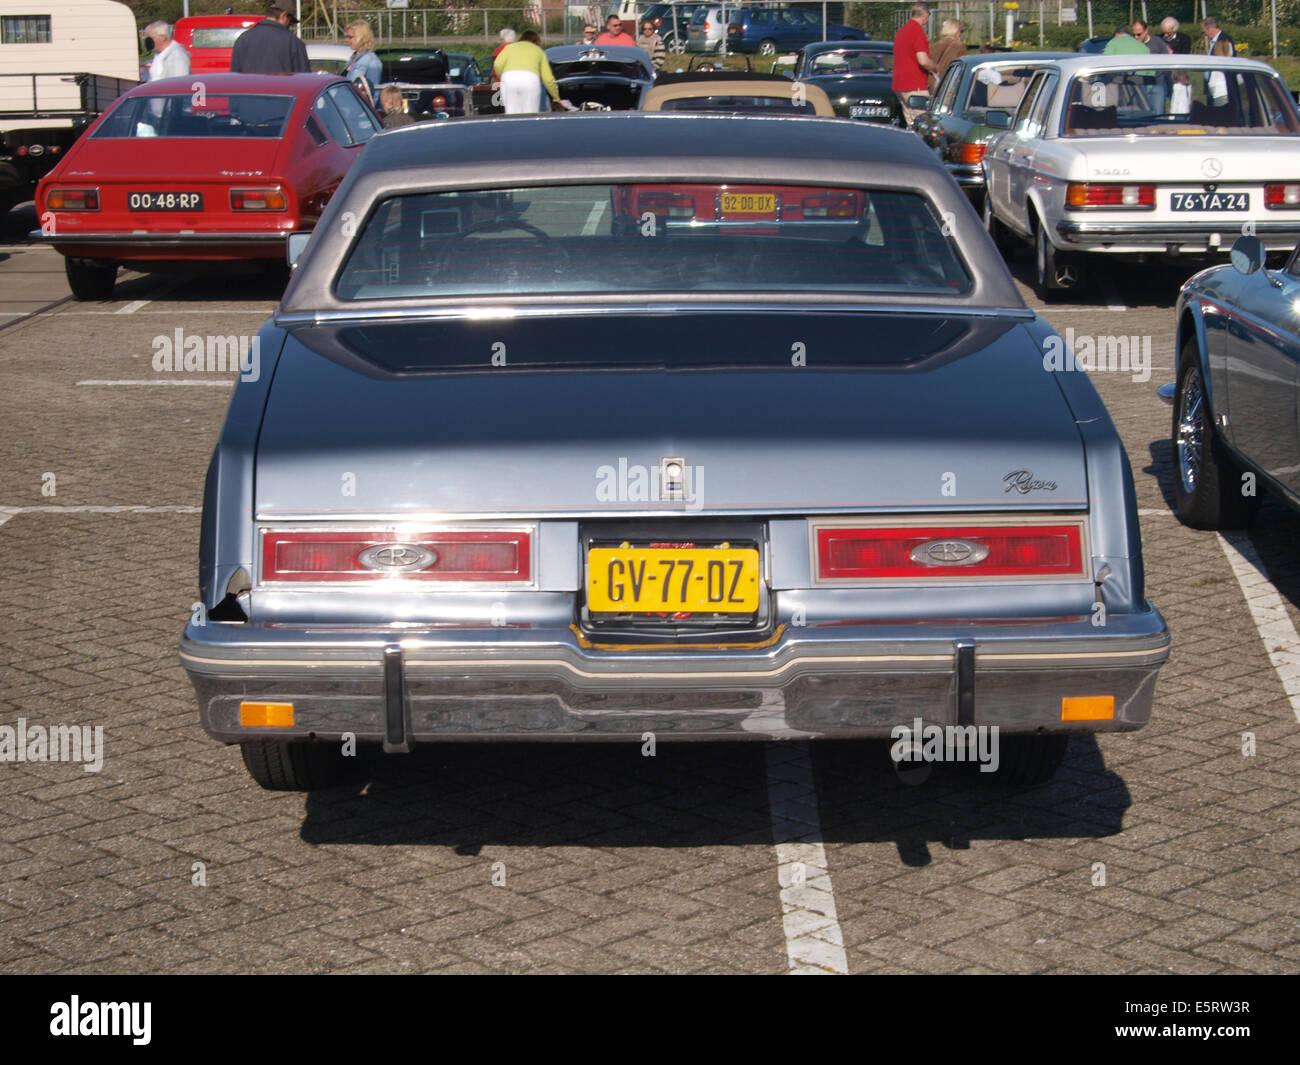 1981 Buick Riviera, niederländischer Lizenz Registrierung GV-77-DZ, pic1 Stockbild